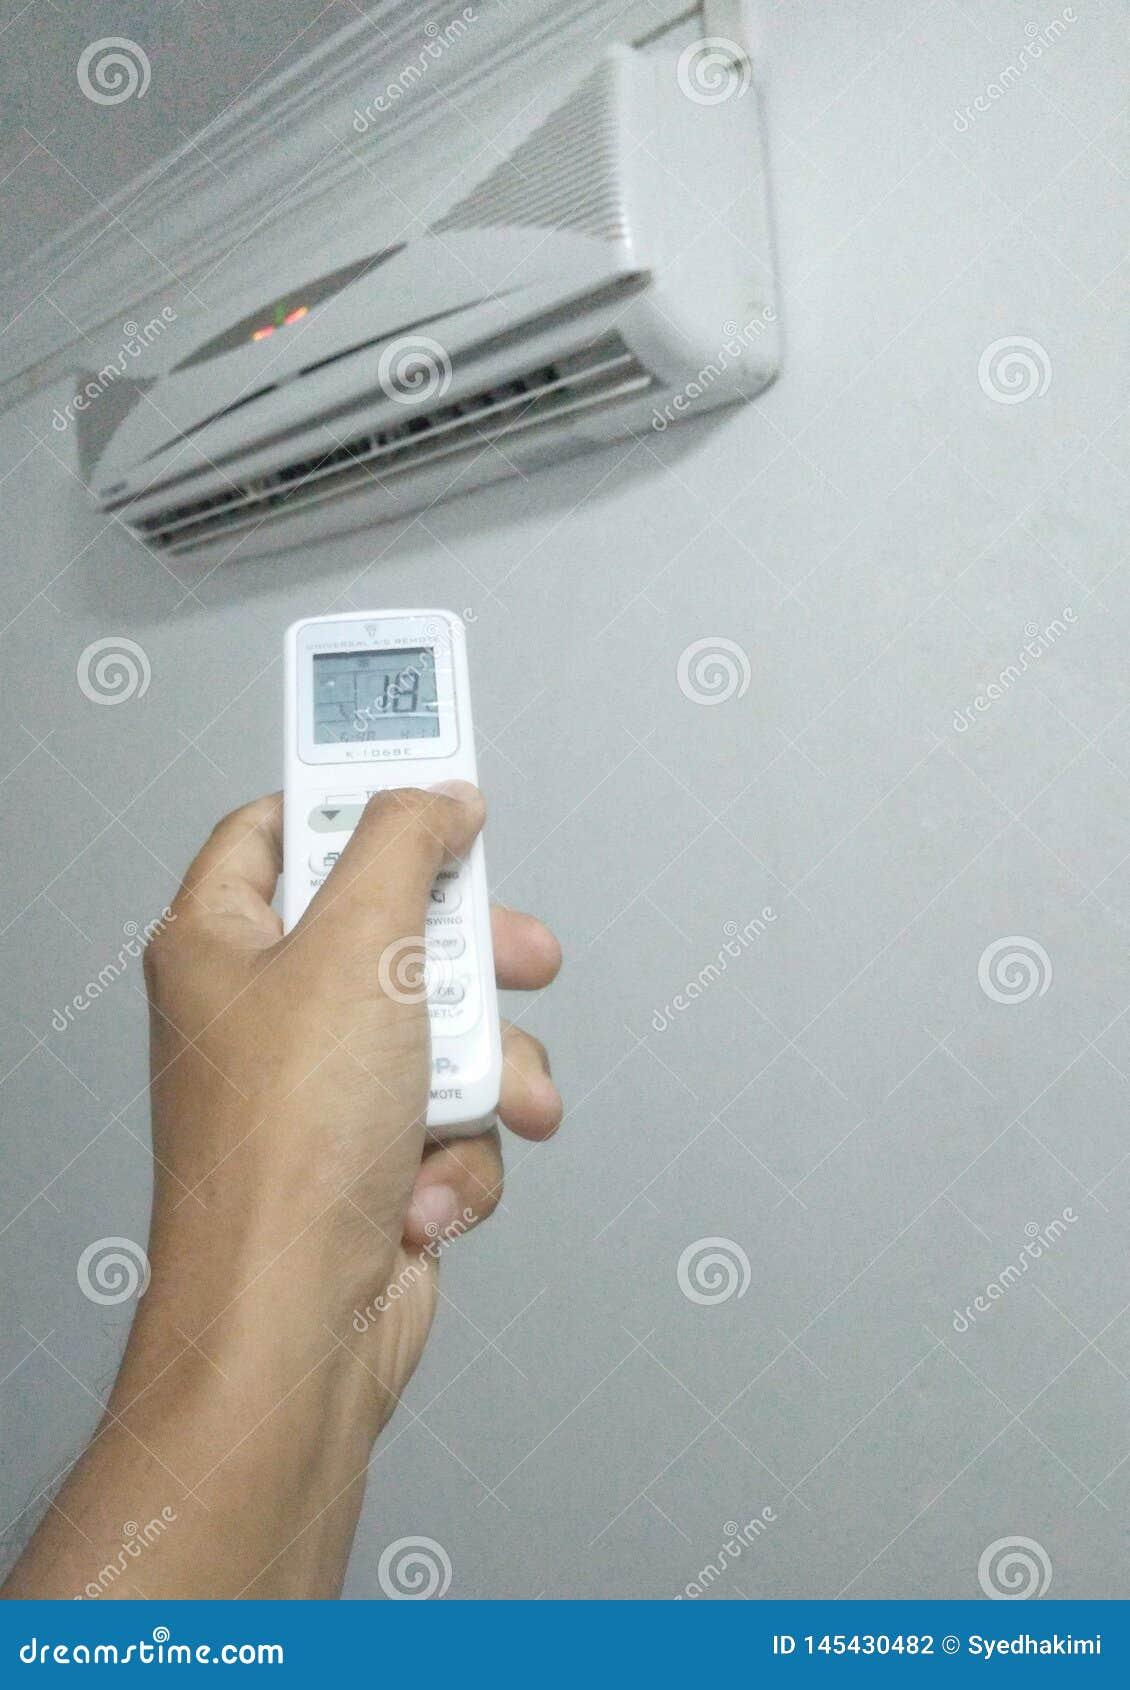 斯里巴加湾/文莱达鲁萨兰- 2019年5月19日:使用普遍性遥控改变温度的Chunghop空气